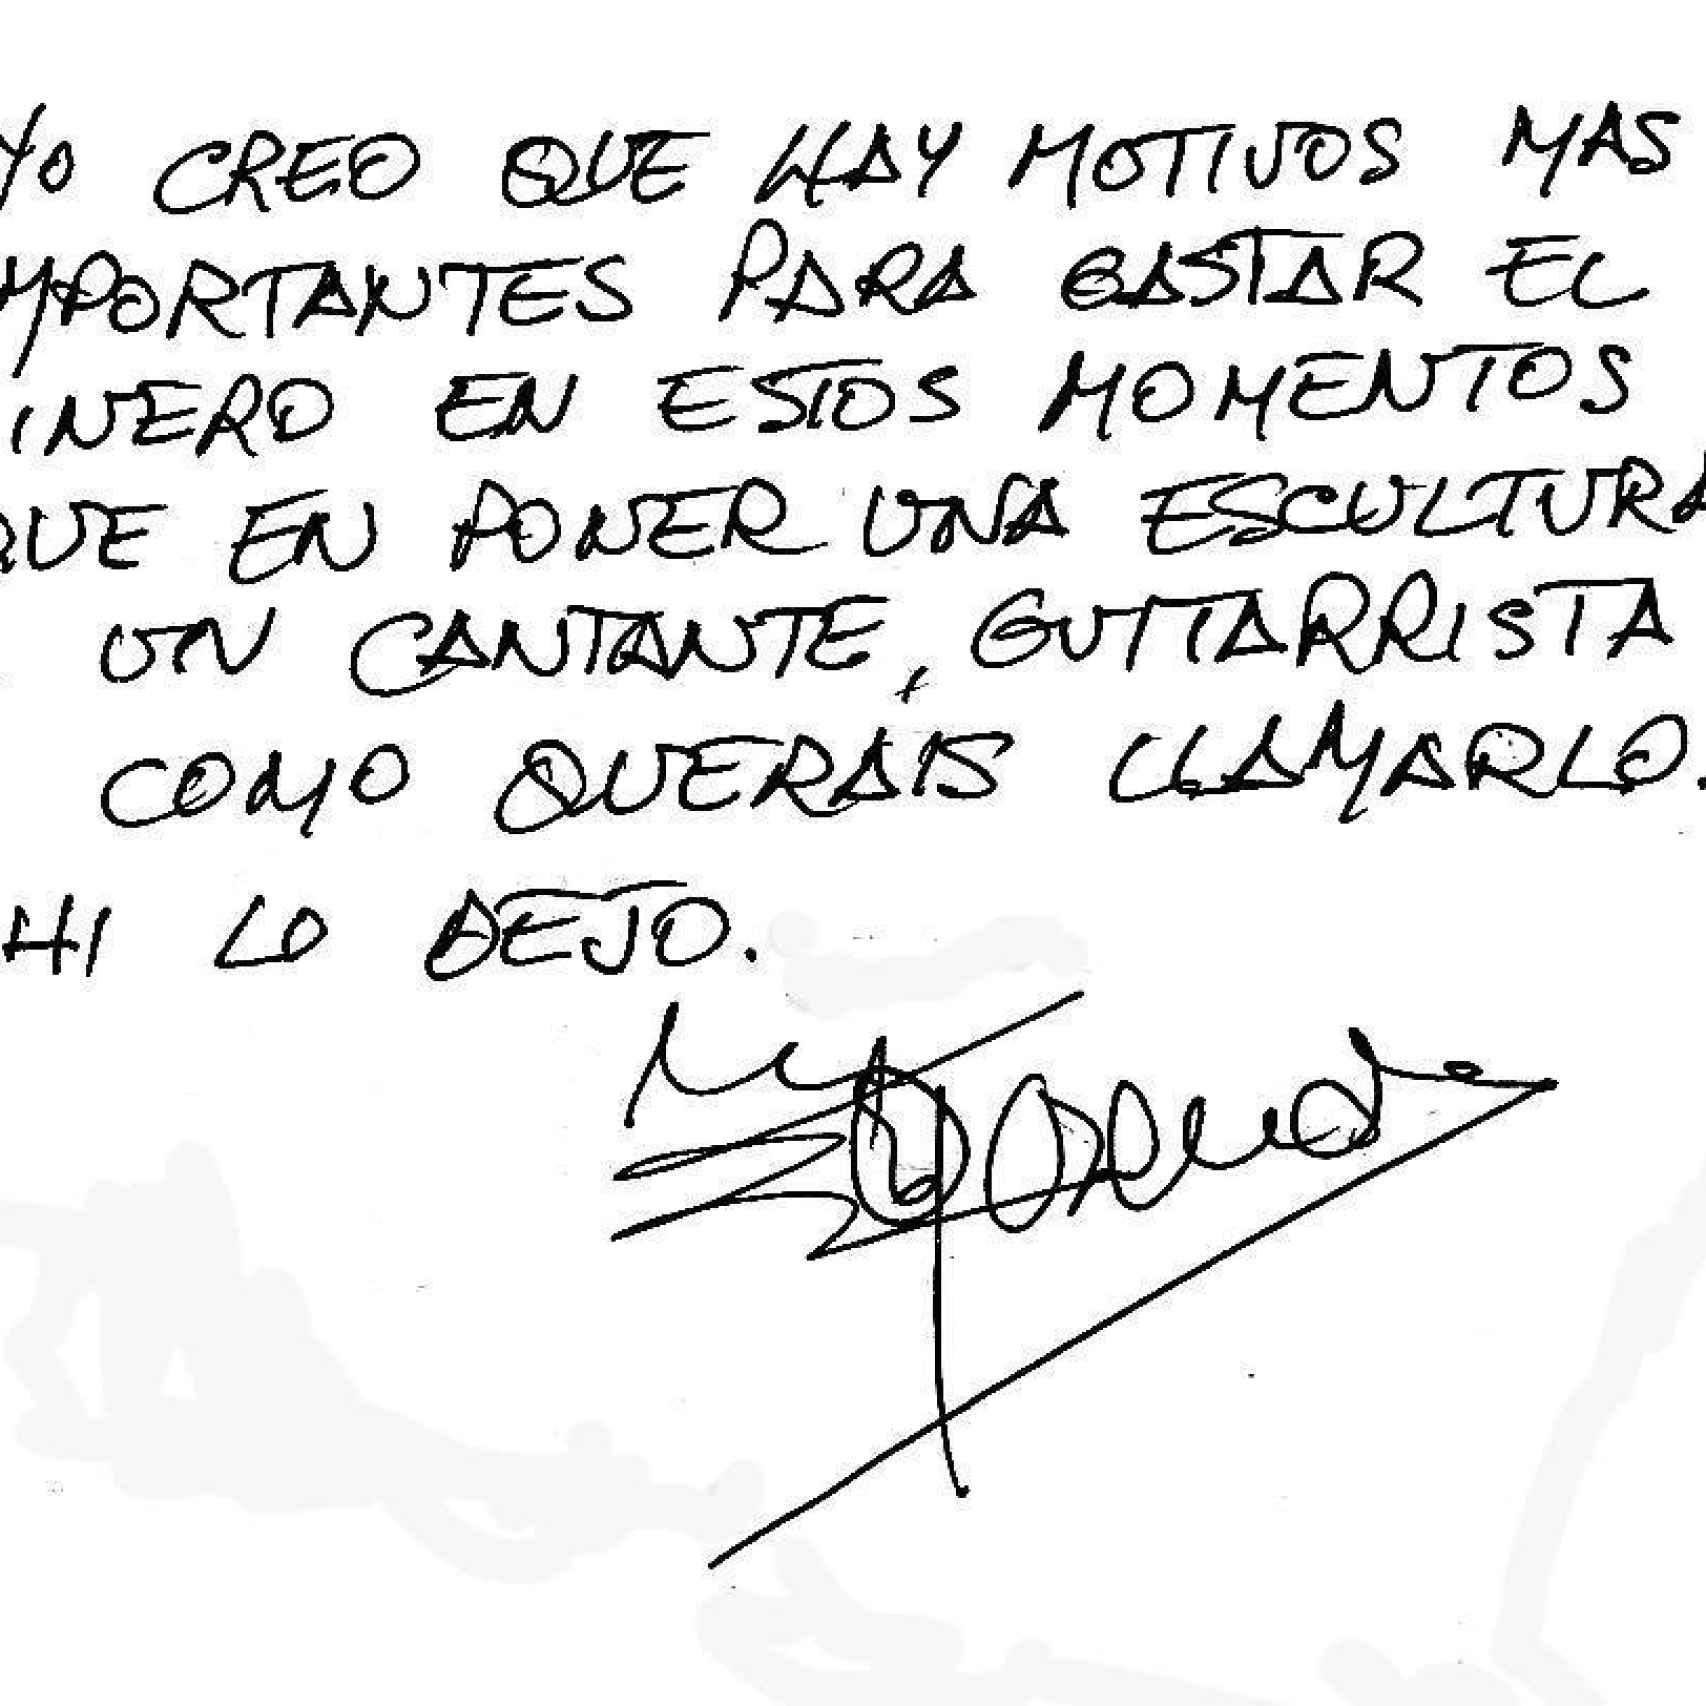 Nota de Rosendo rechazando su estatua en Carabanchel